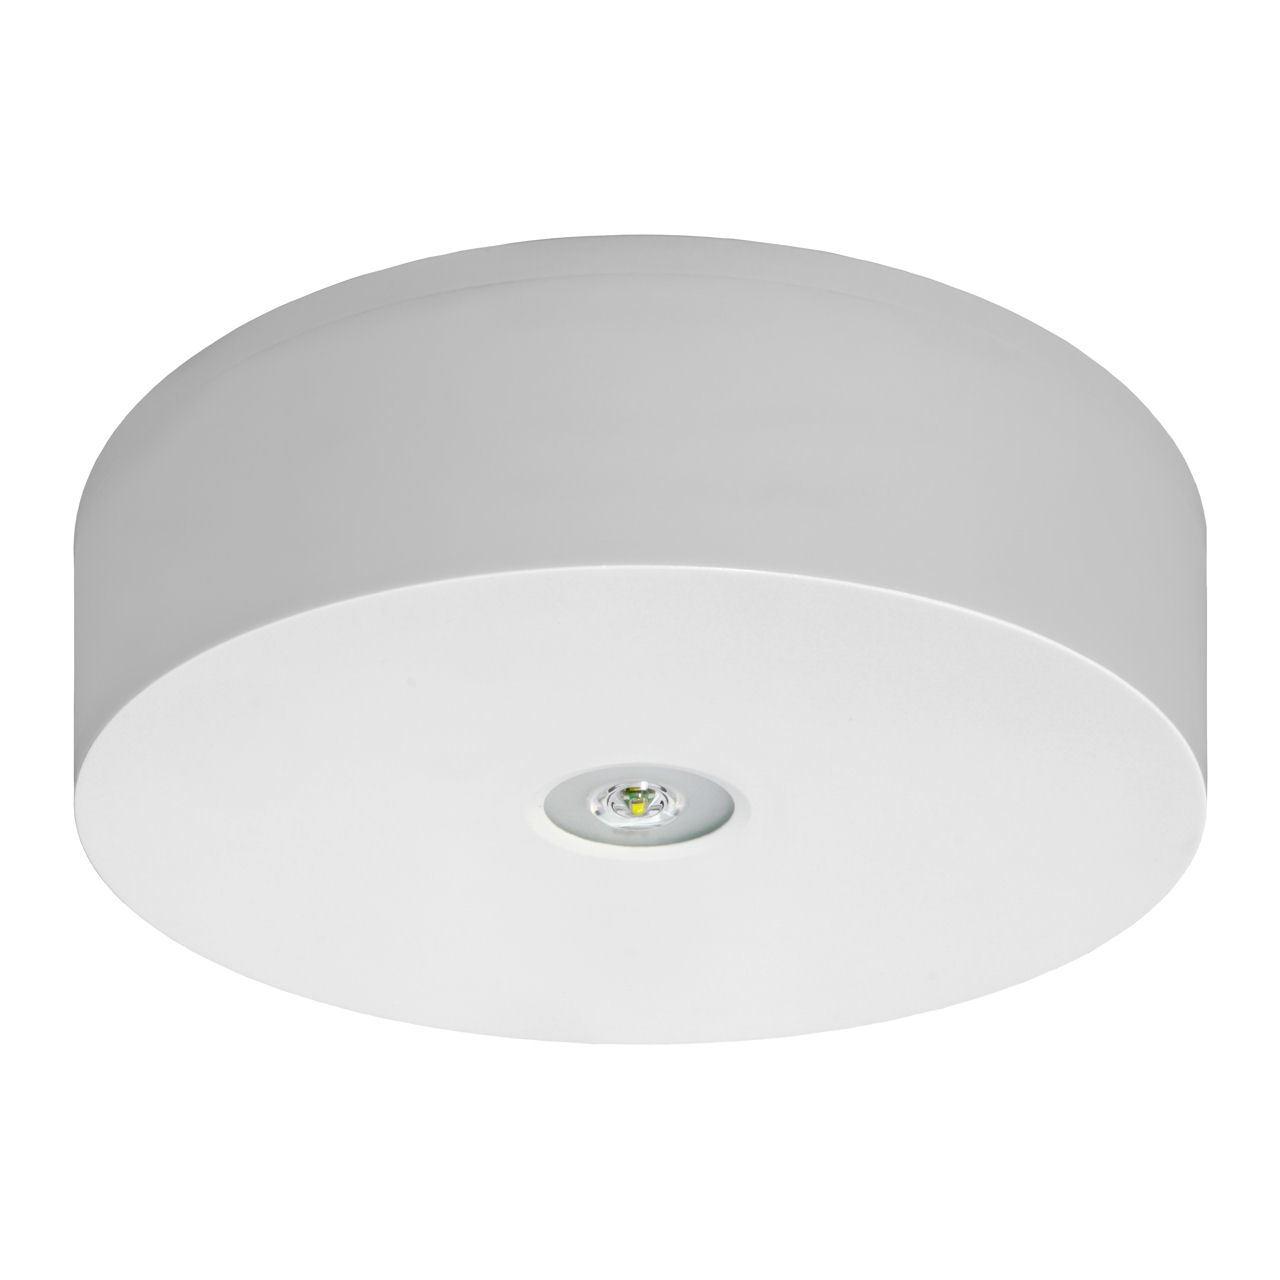 Потолочный аварийный светильник IP65/IP42 для открытых пространств AXN/O Awex